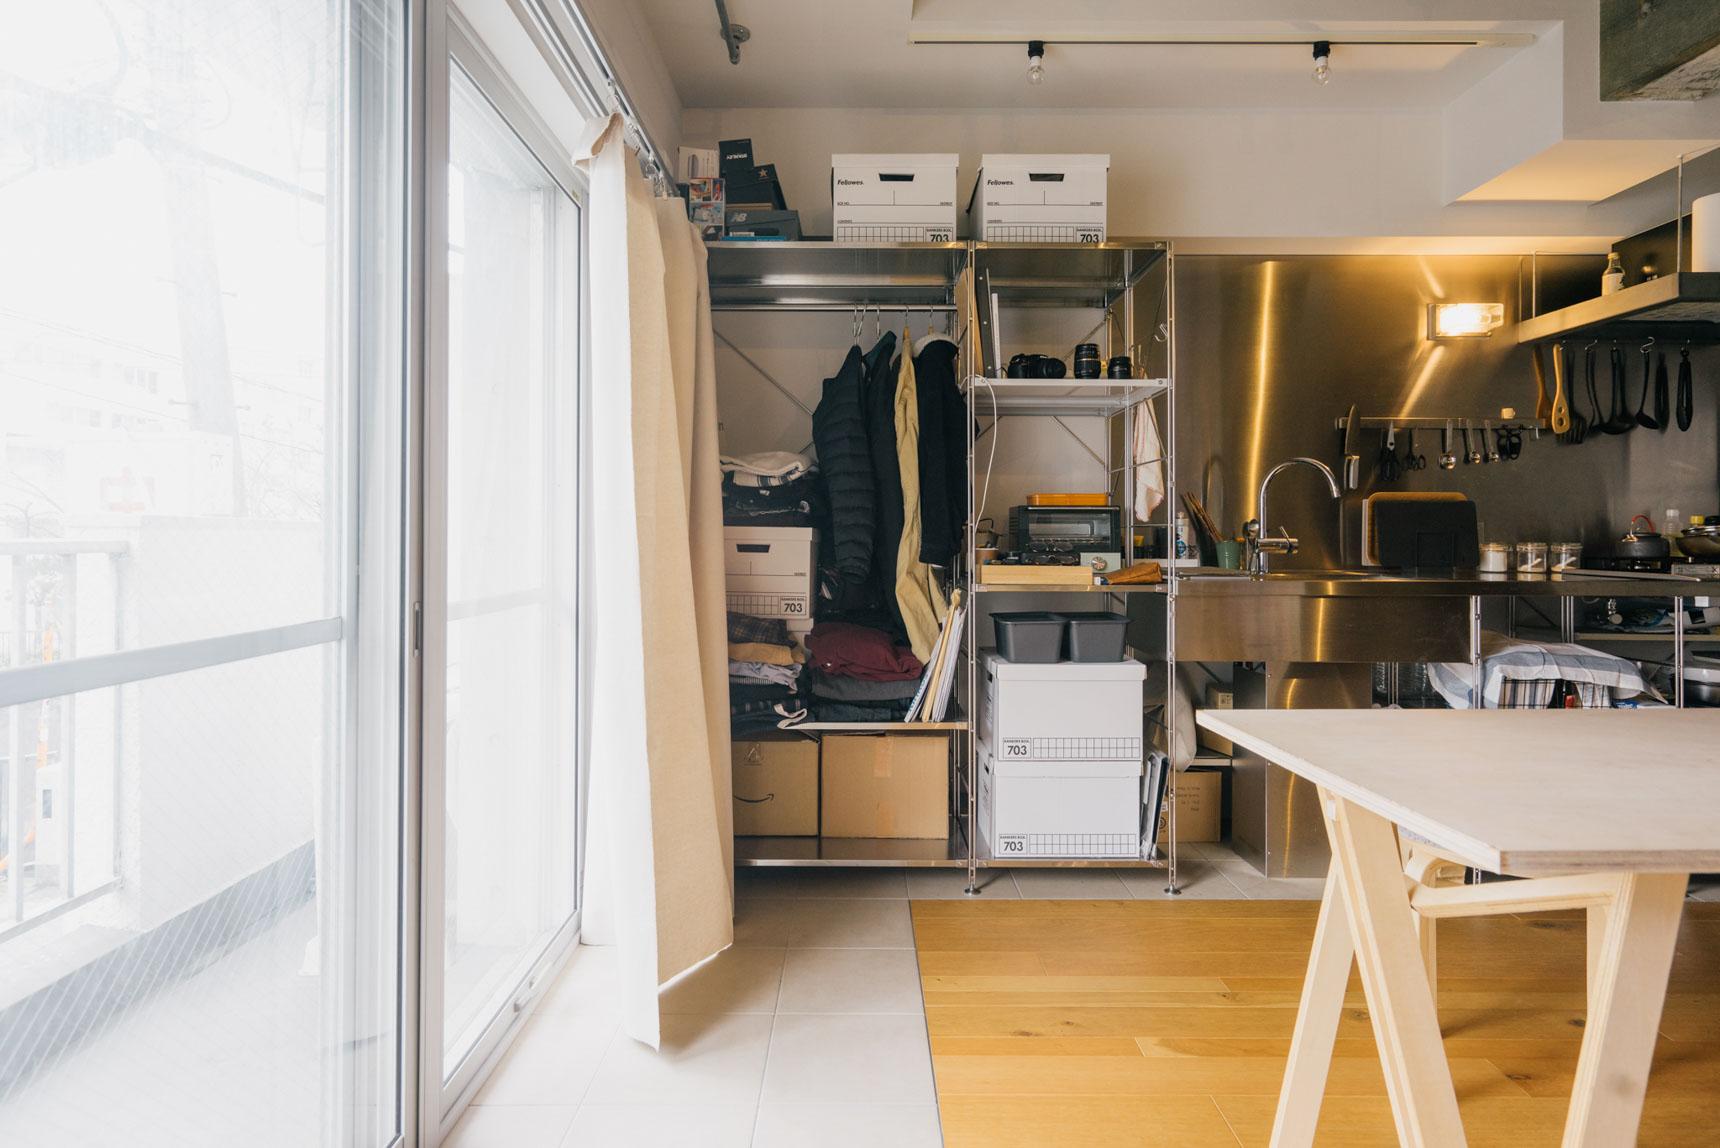 クローゼットは、なんとキッチンの横のこちら部分だけ。うまくボックスも活用しながら収納しています。